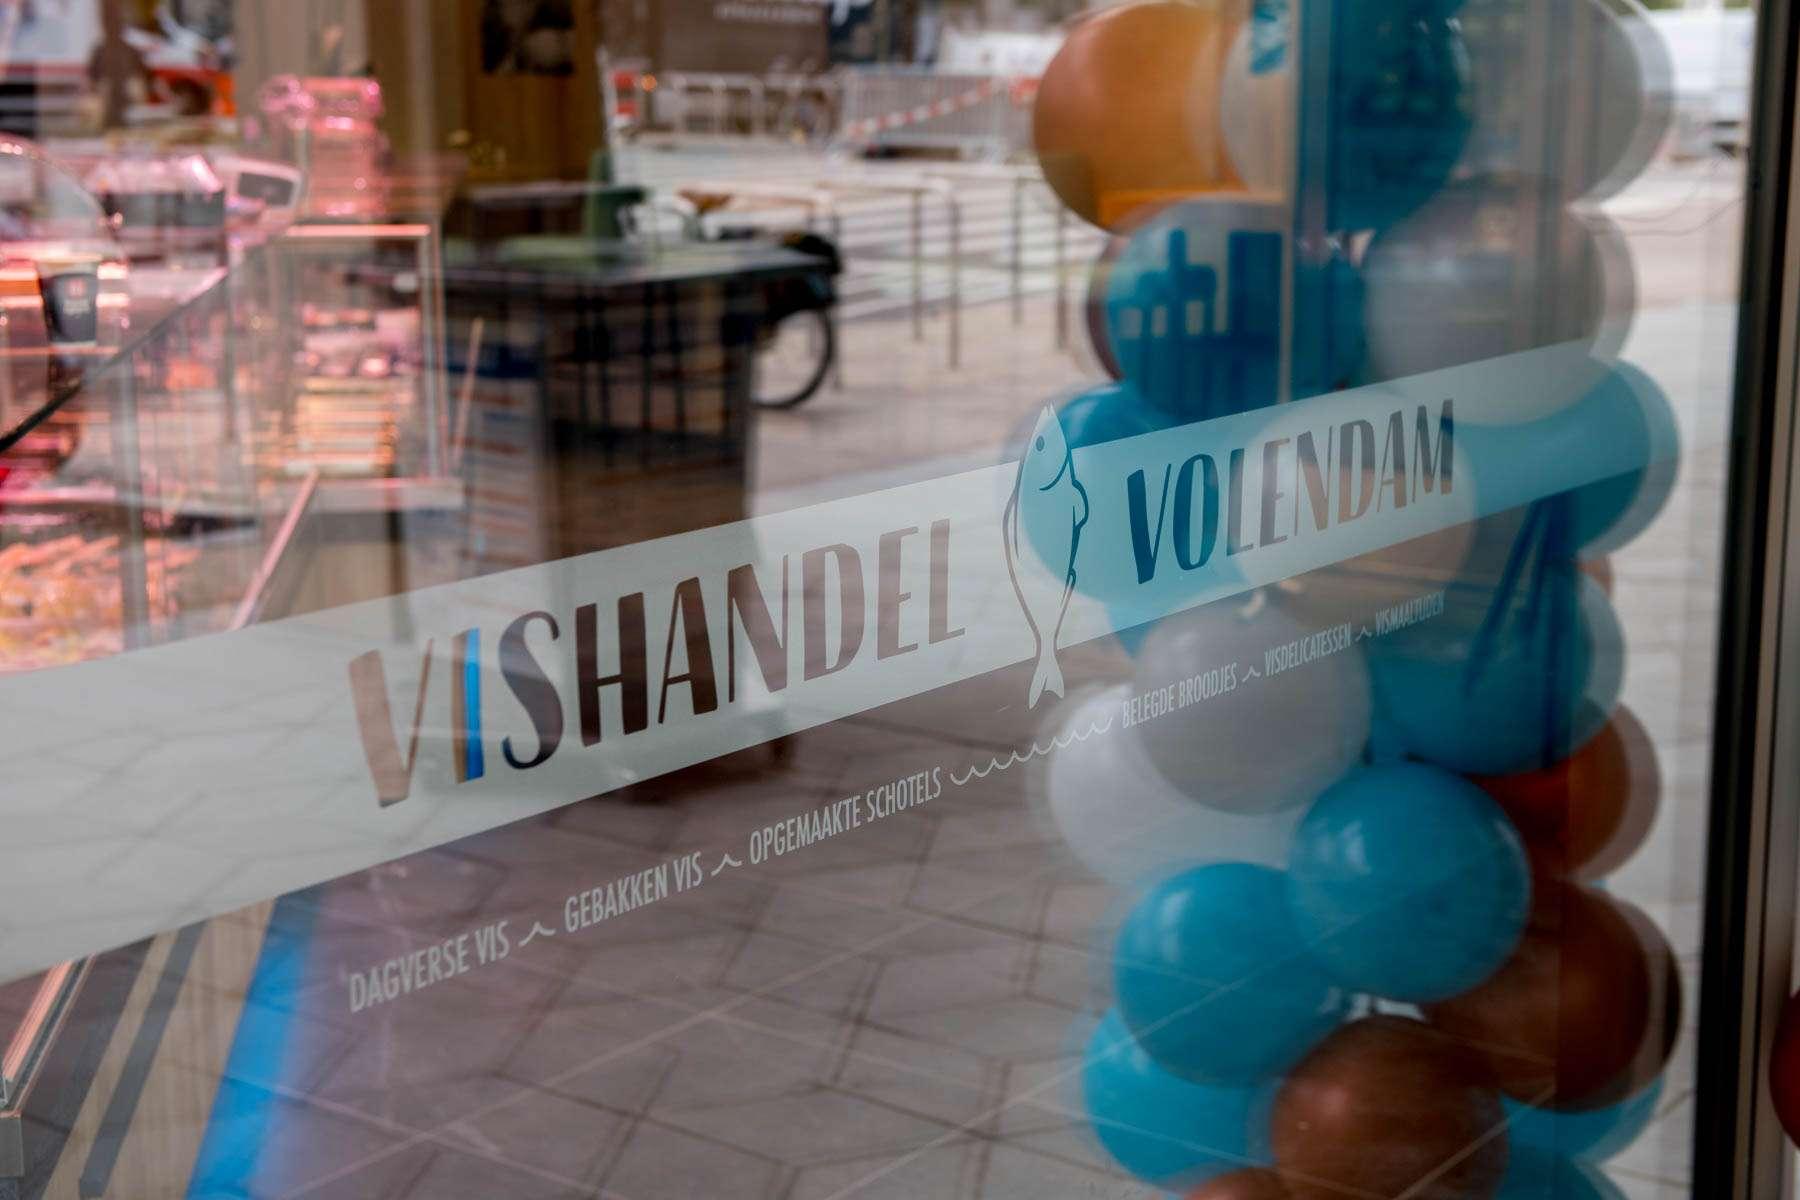 Vishandel Volendam opent 2e filiaal in shoppingcenter Overvecht